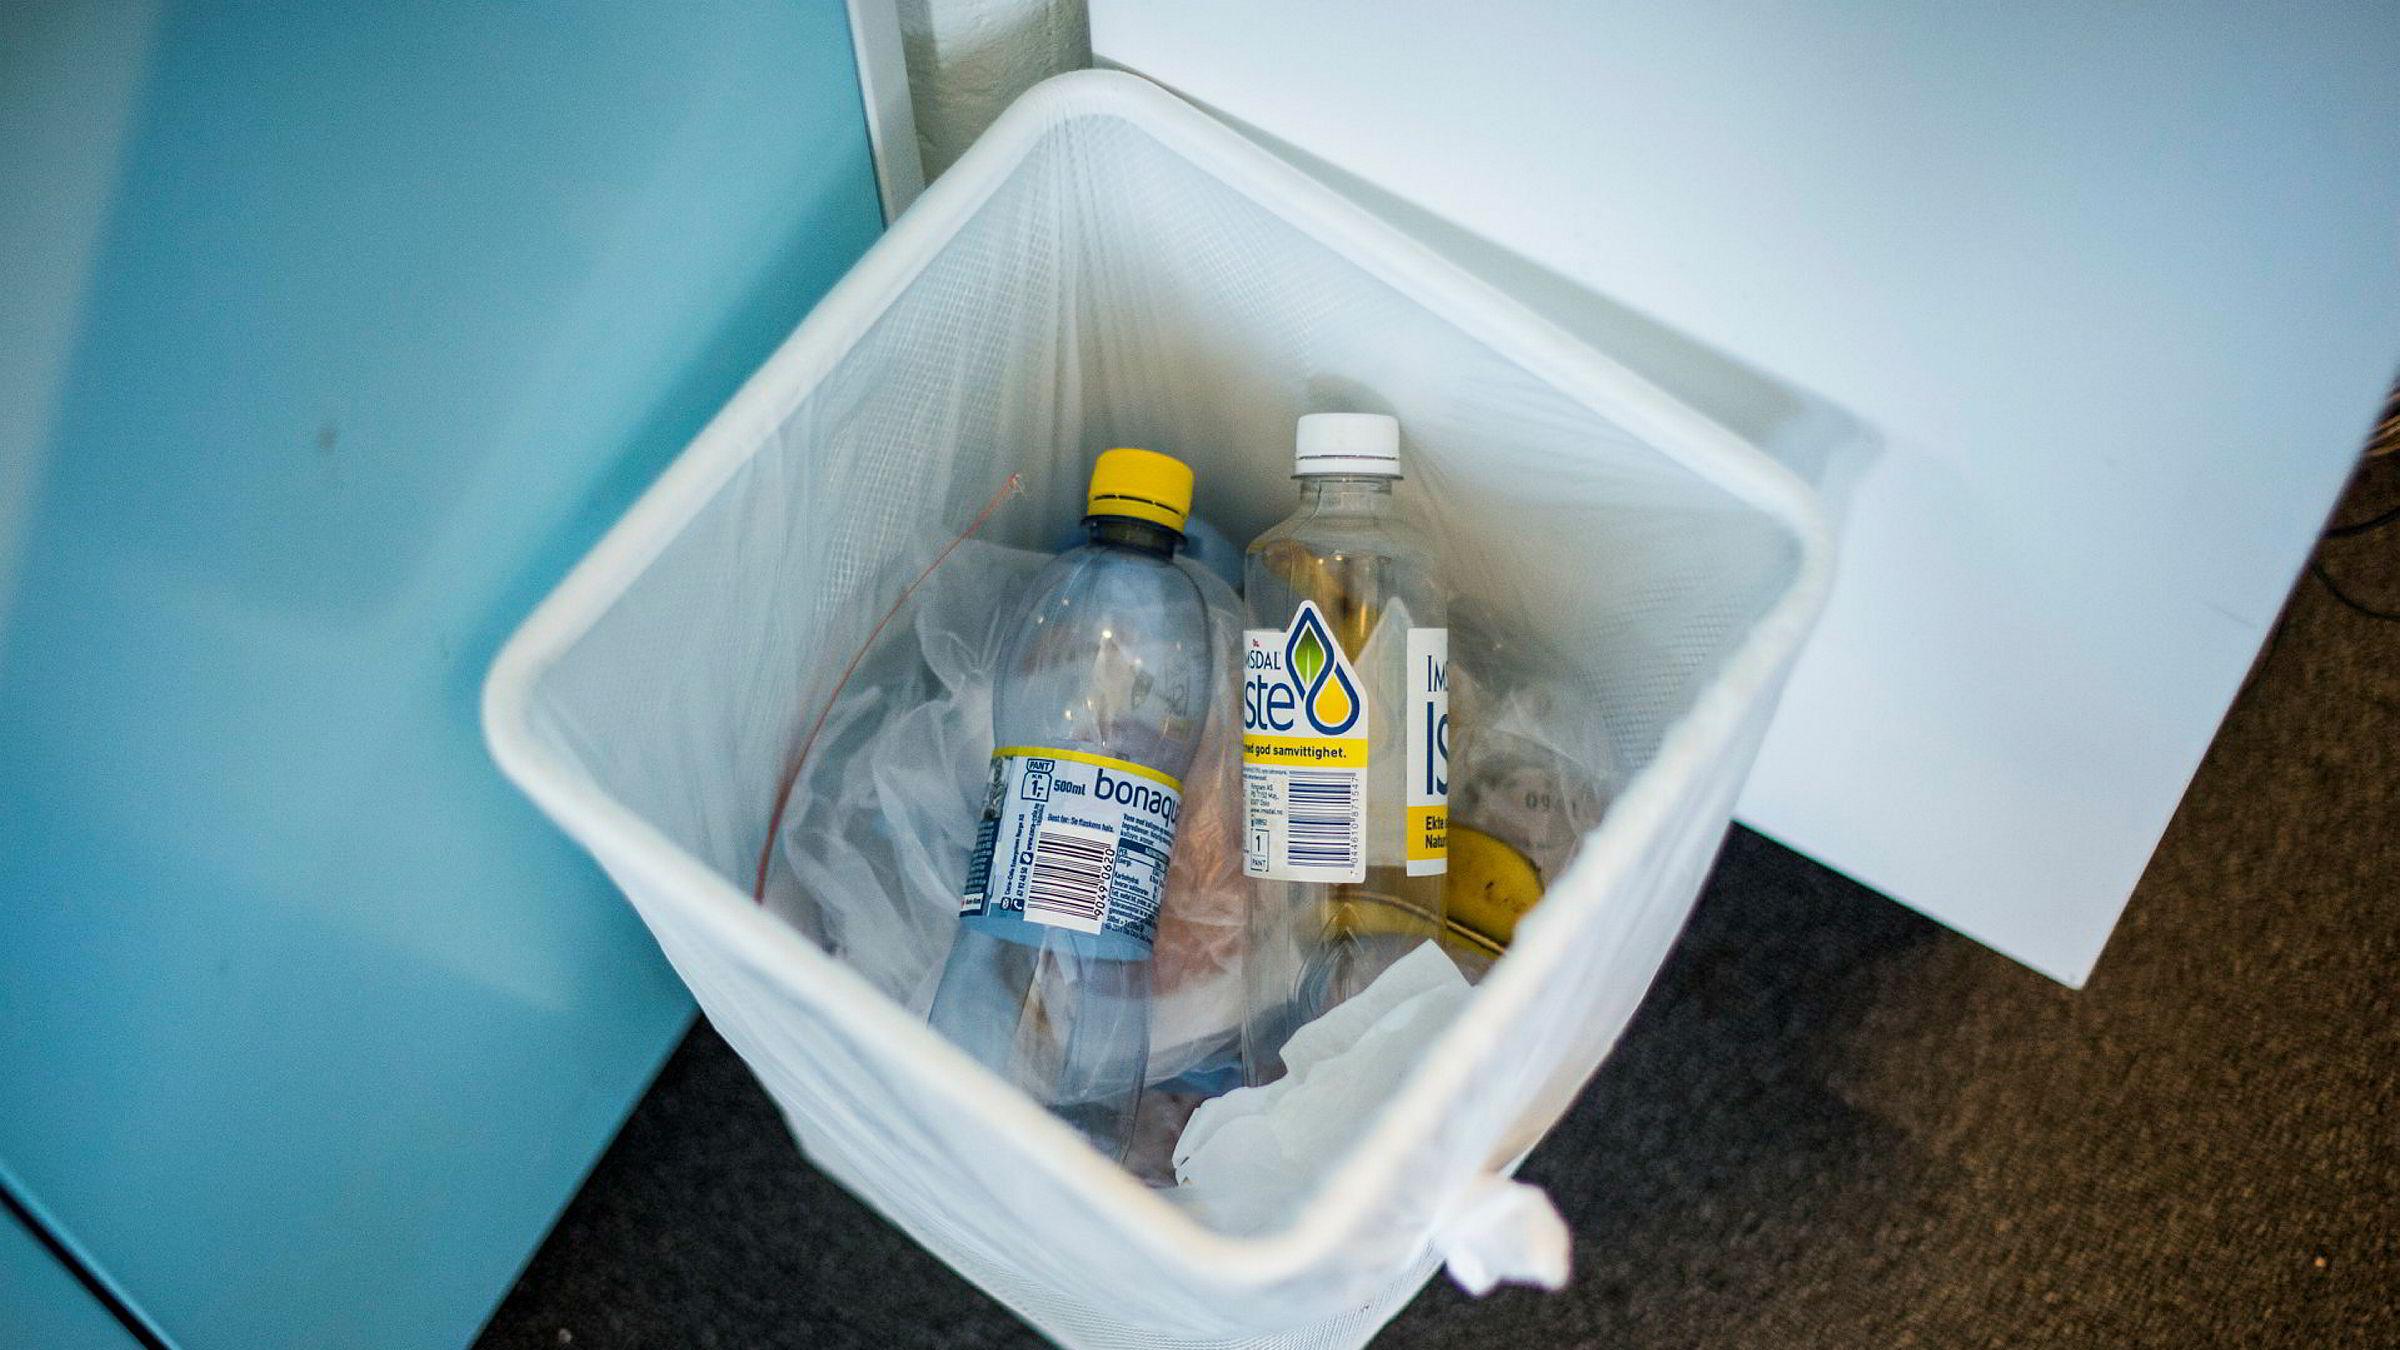 Miljøvernminister Michael Gove vil ha slutt på at plastflasker kastes og har lagt planer om å innføre en panteordning i Storbritannia.